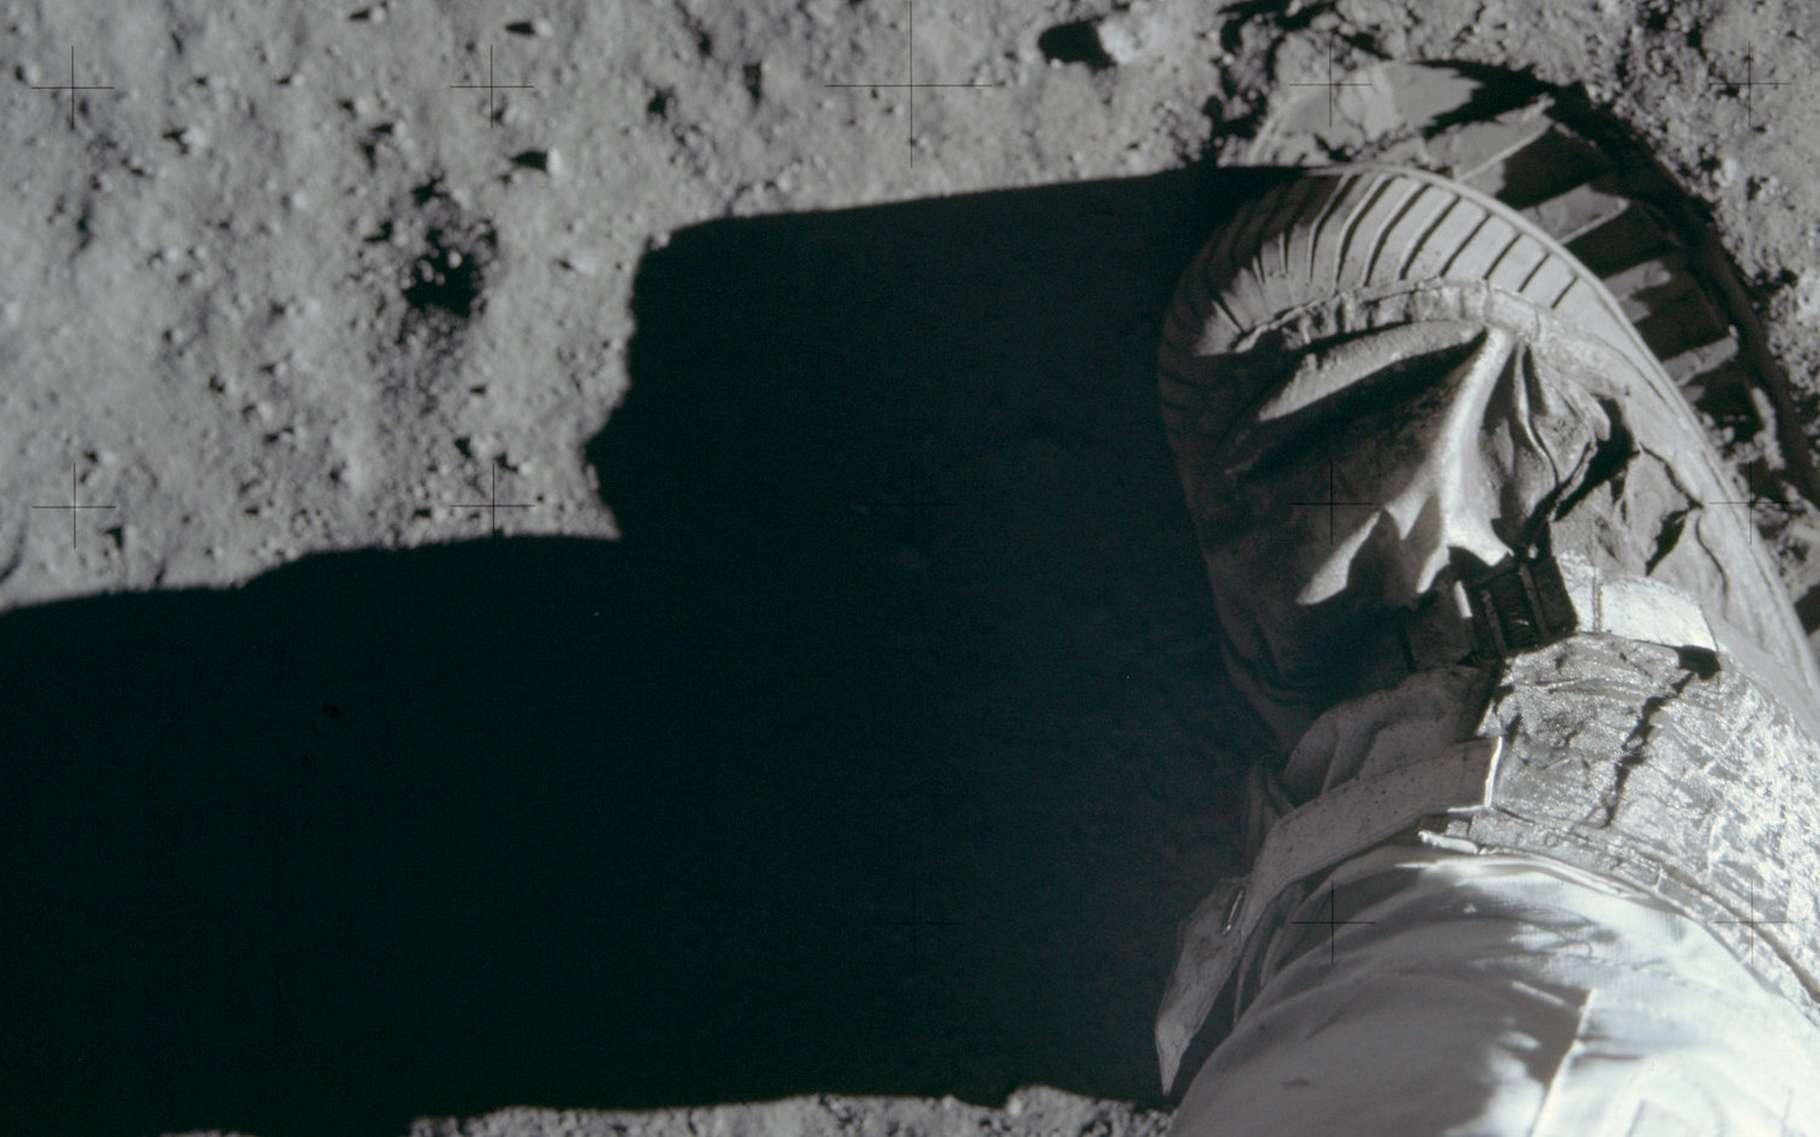 À quelques jours de fêter le 50e anniversaire des premiers pas de l'Homme sur la Lune, une journaliste révèle qu'une anomalie classée a bien failli tuer les astronautes d'Apollo 11 juste avant leur retour sur Terre. © Project Apollo Archive, Flickr, Domaine public